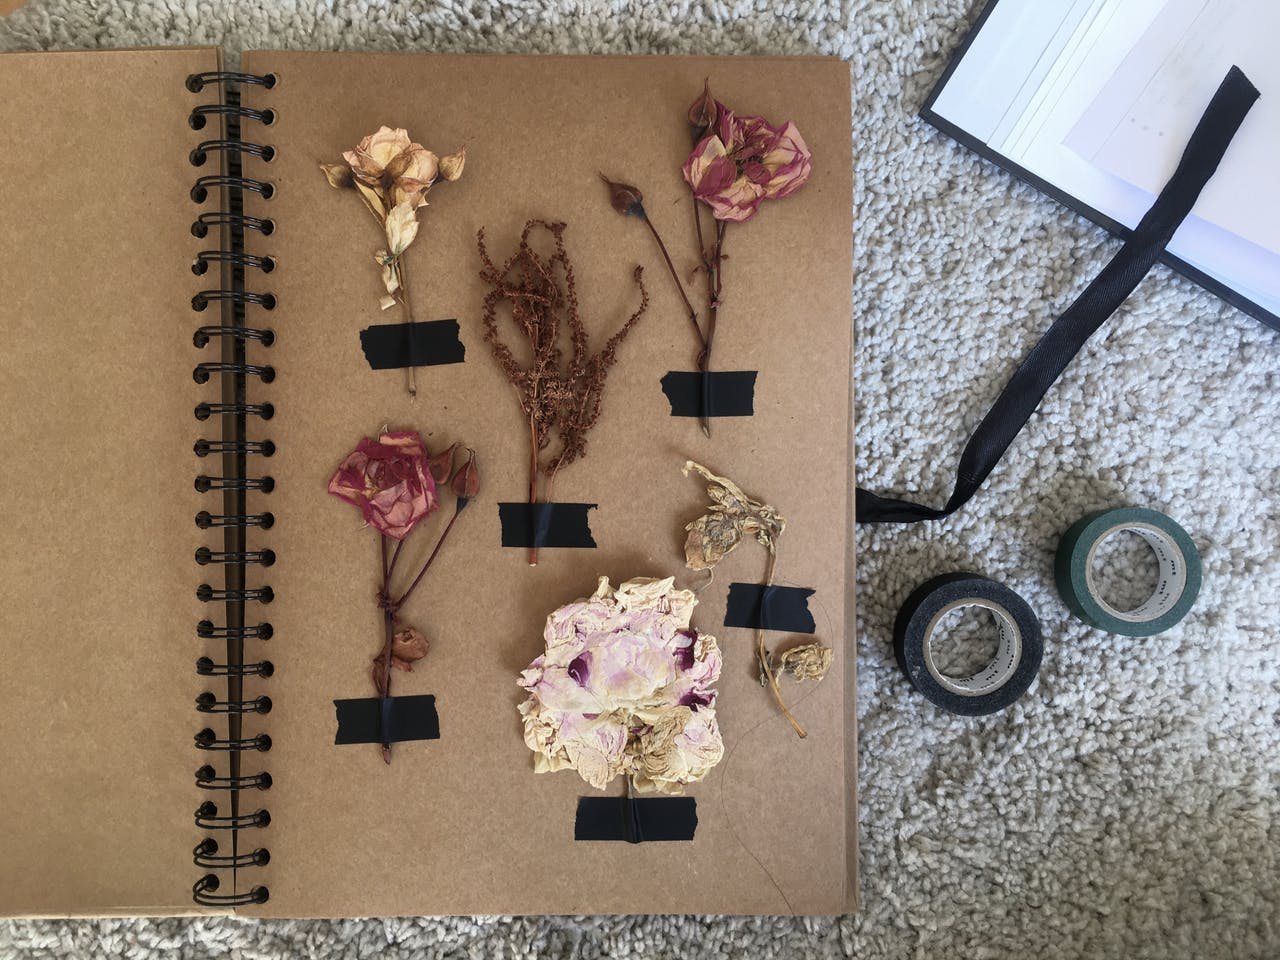 Ferien zuhause: Idee 1, Blüten und Blätter pressen